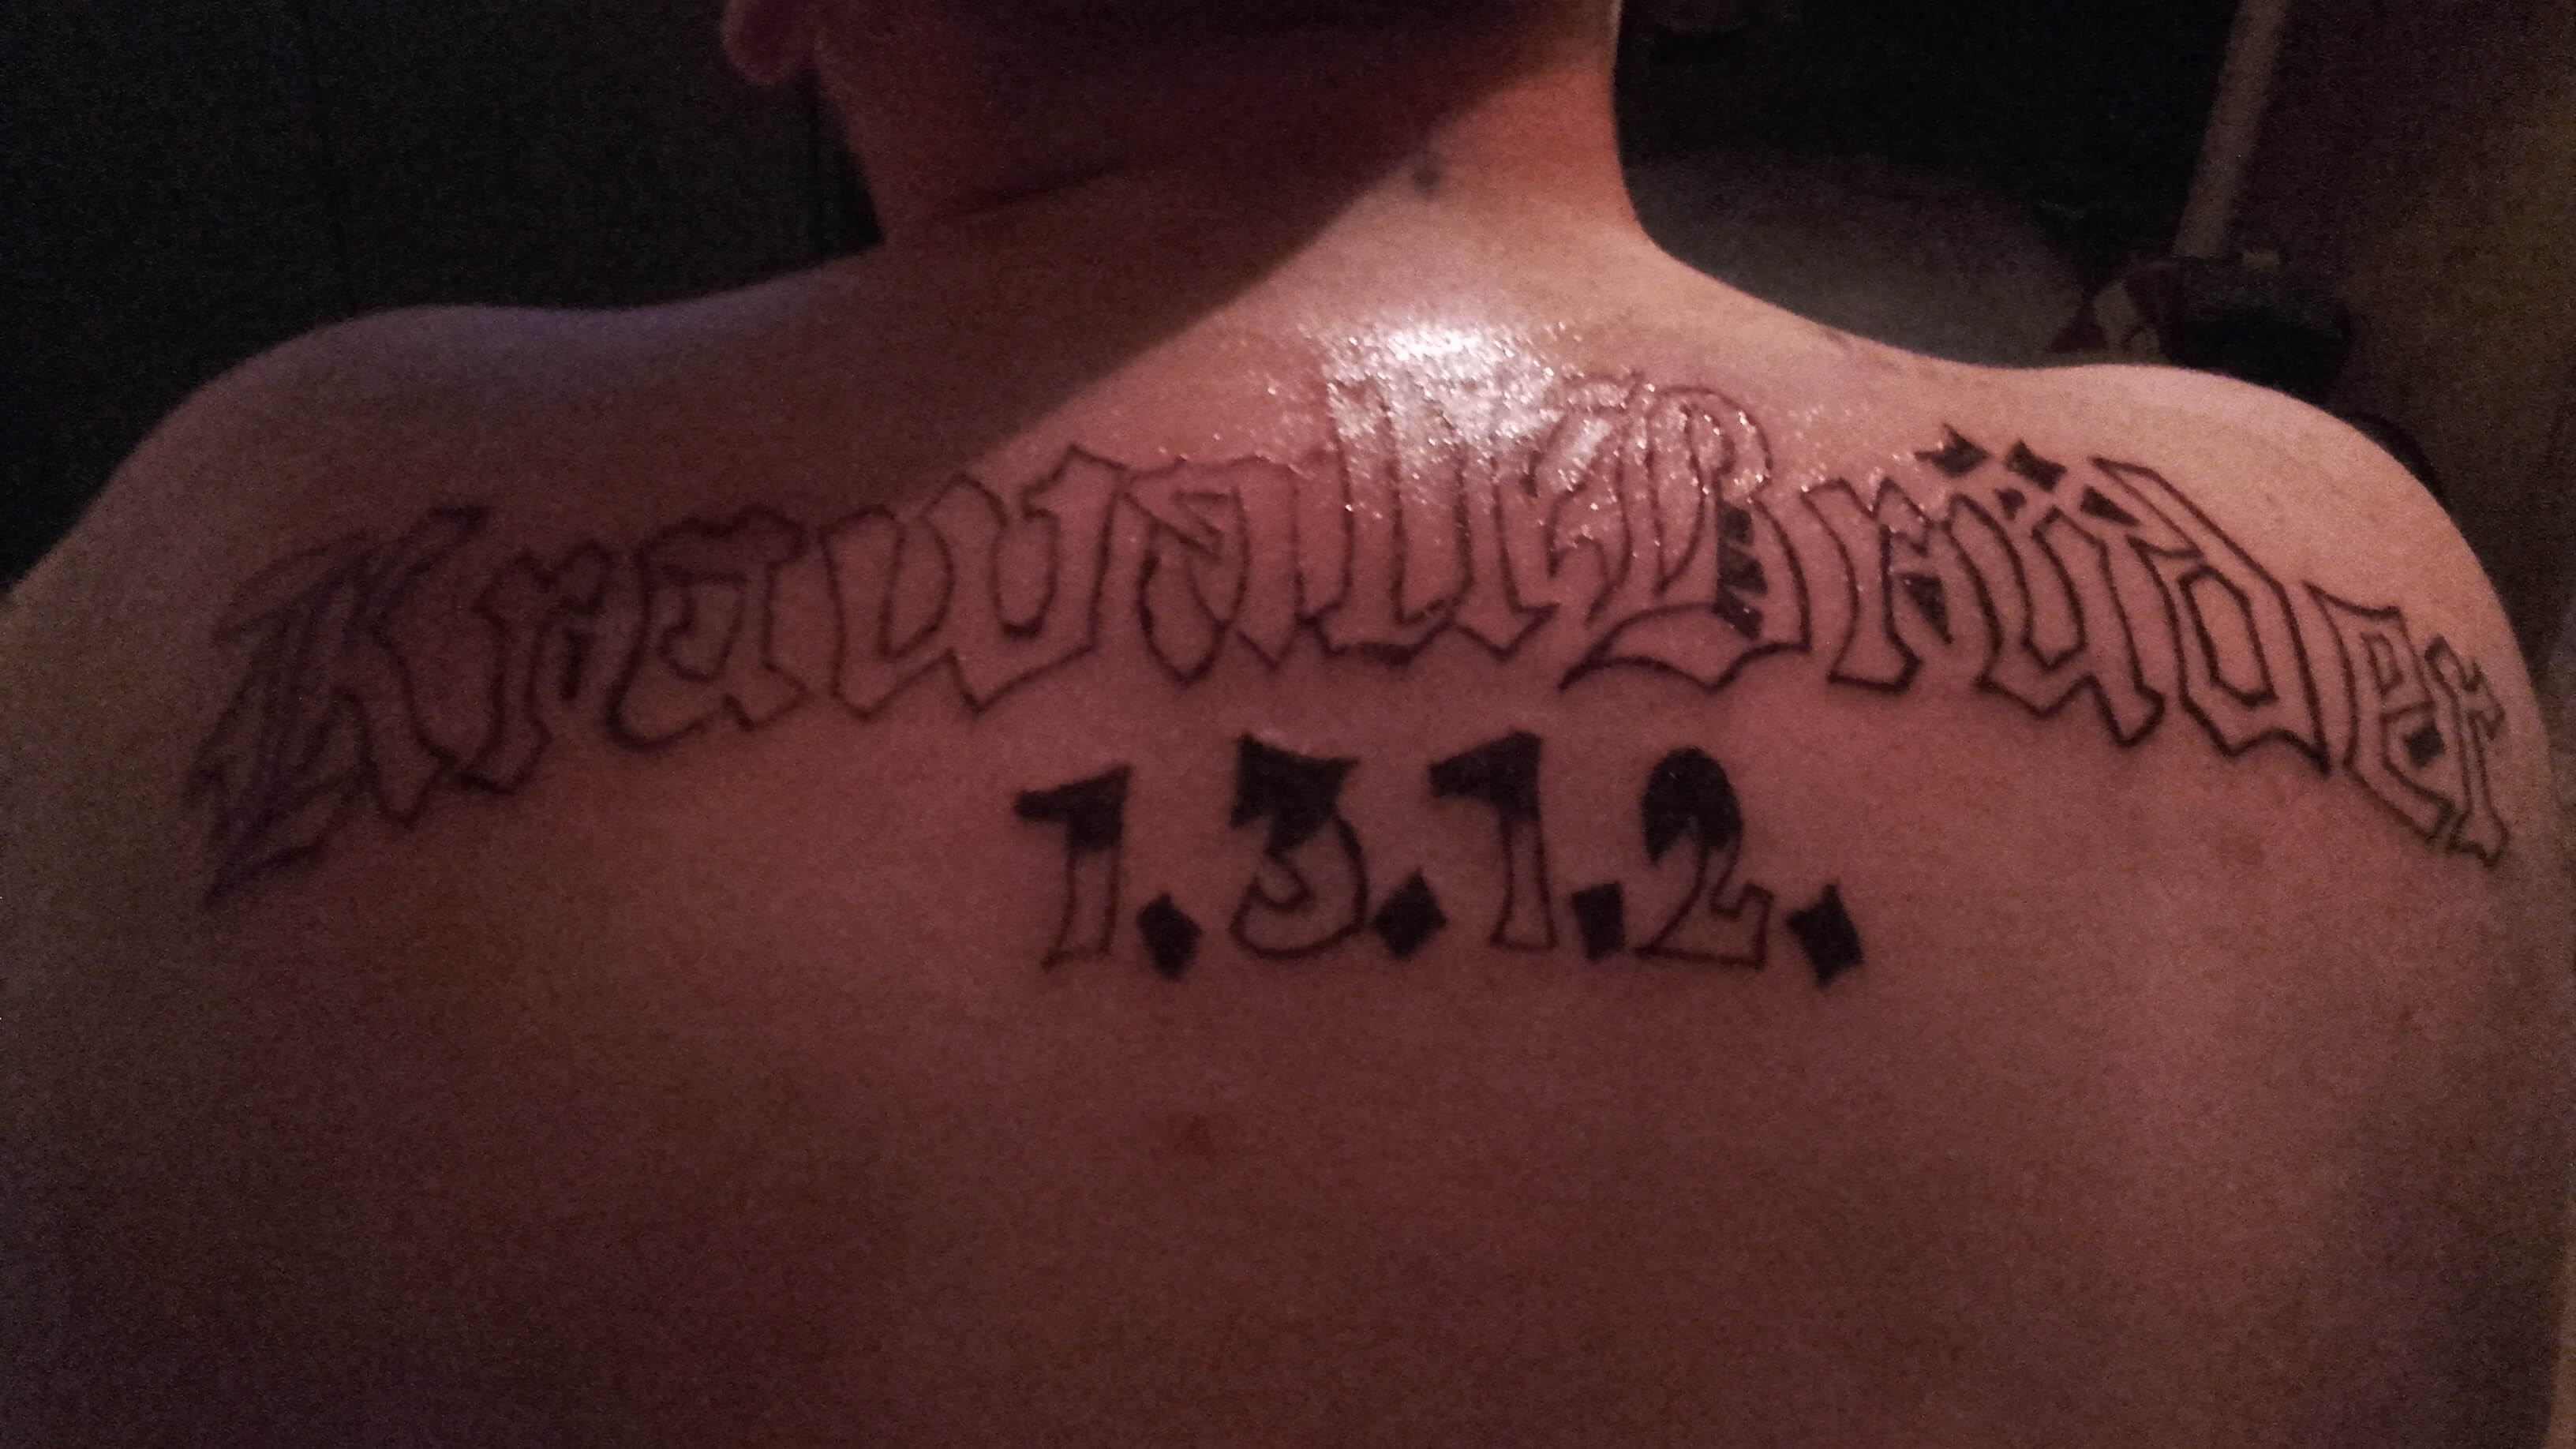 Tattoo krawallbrüder